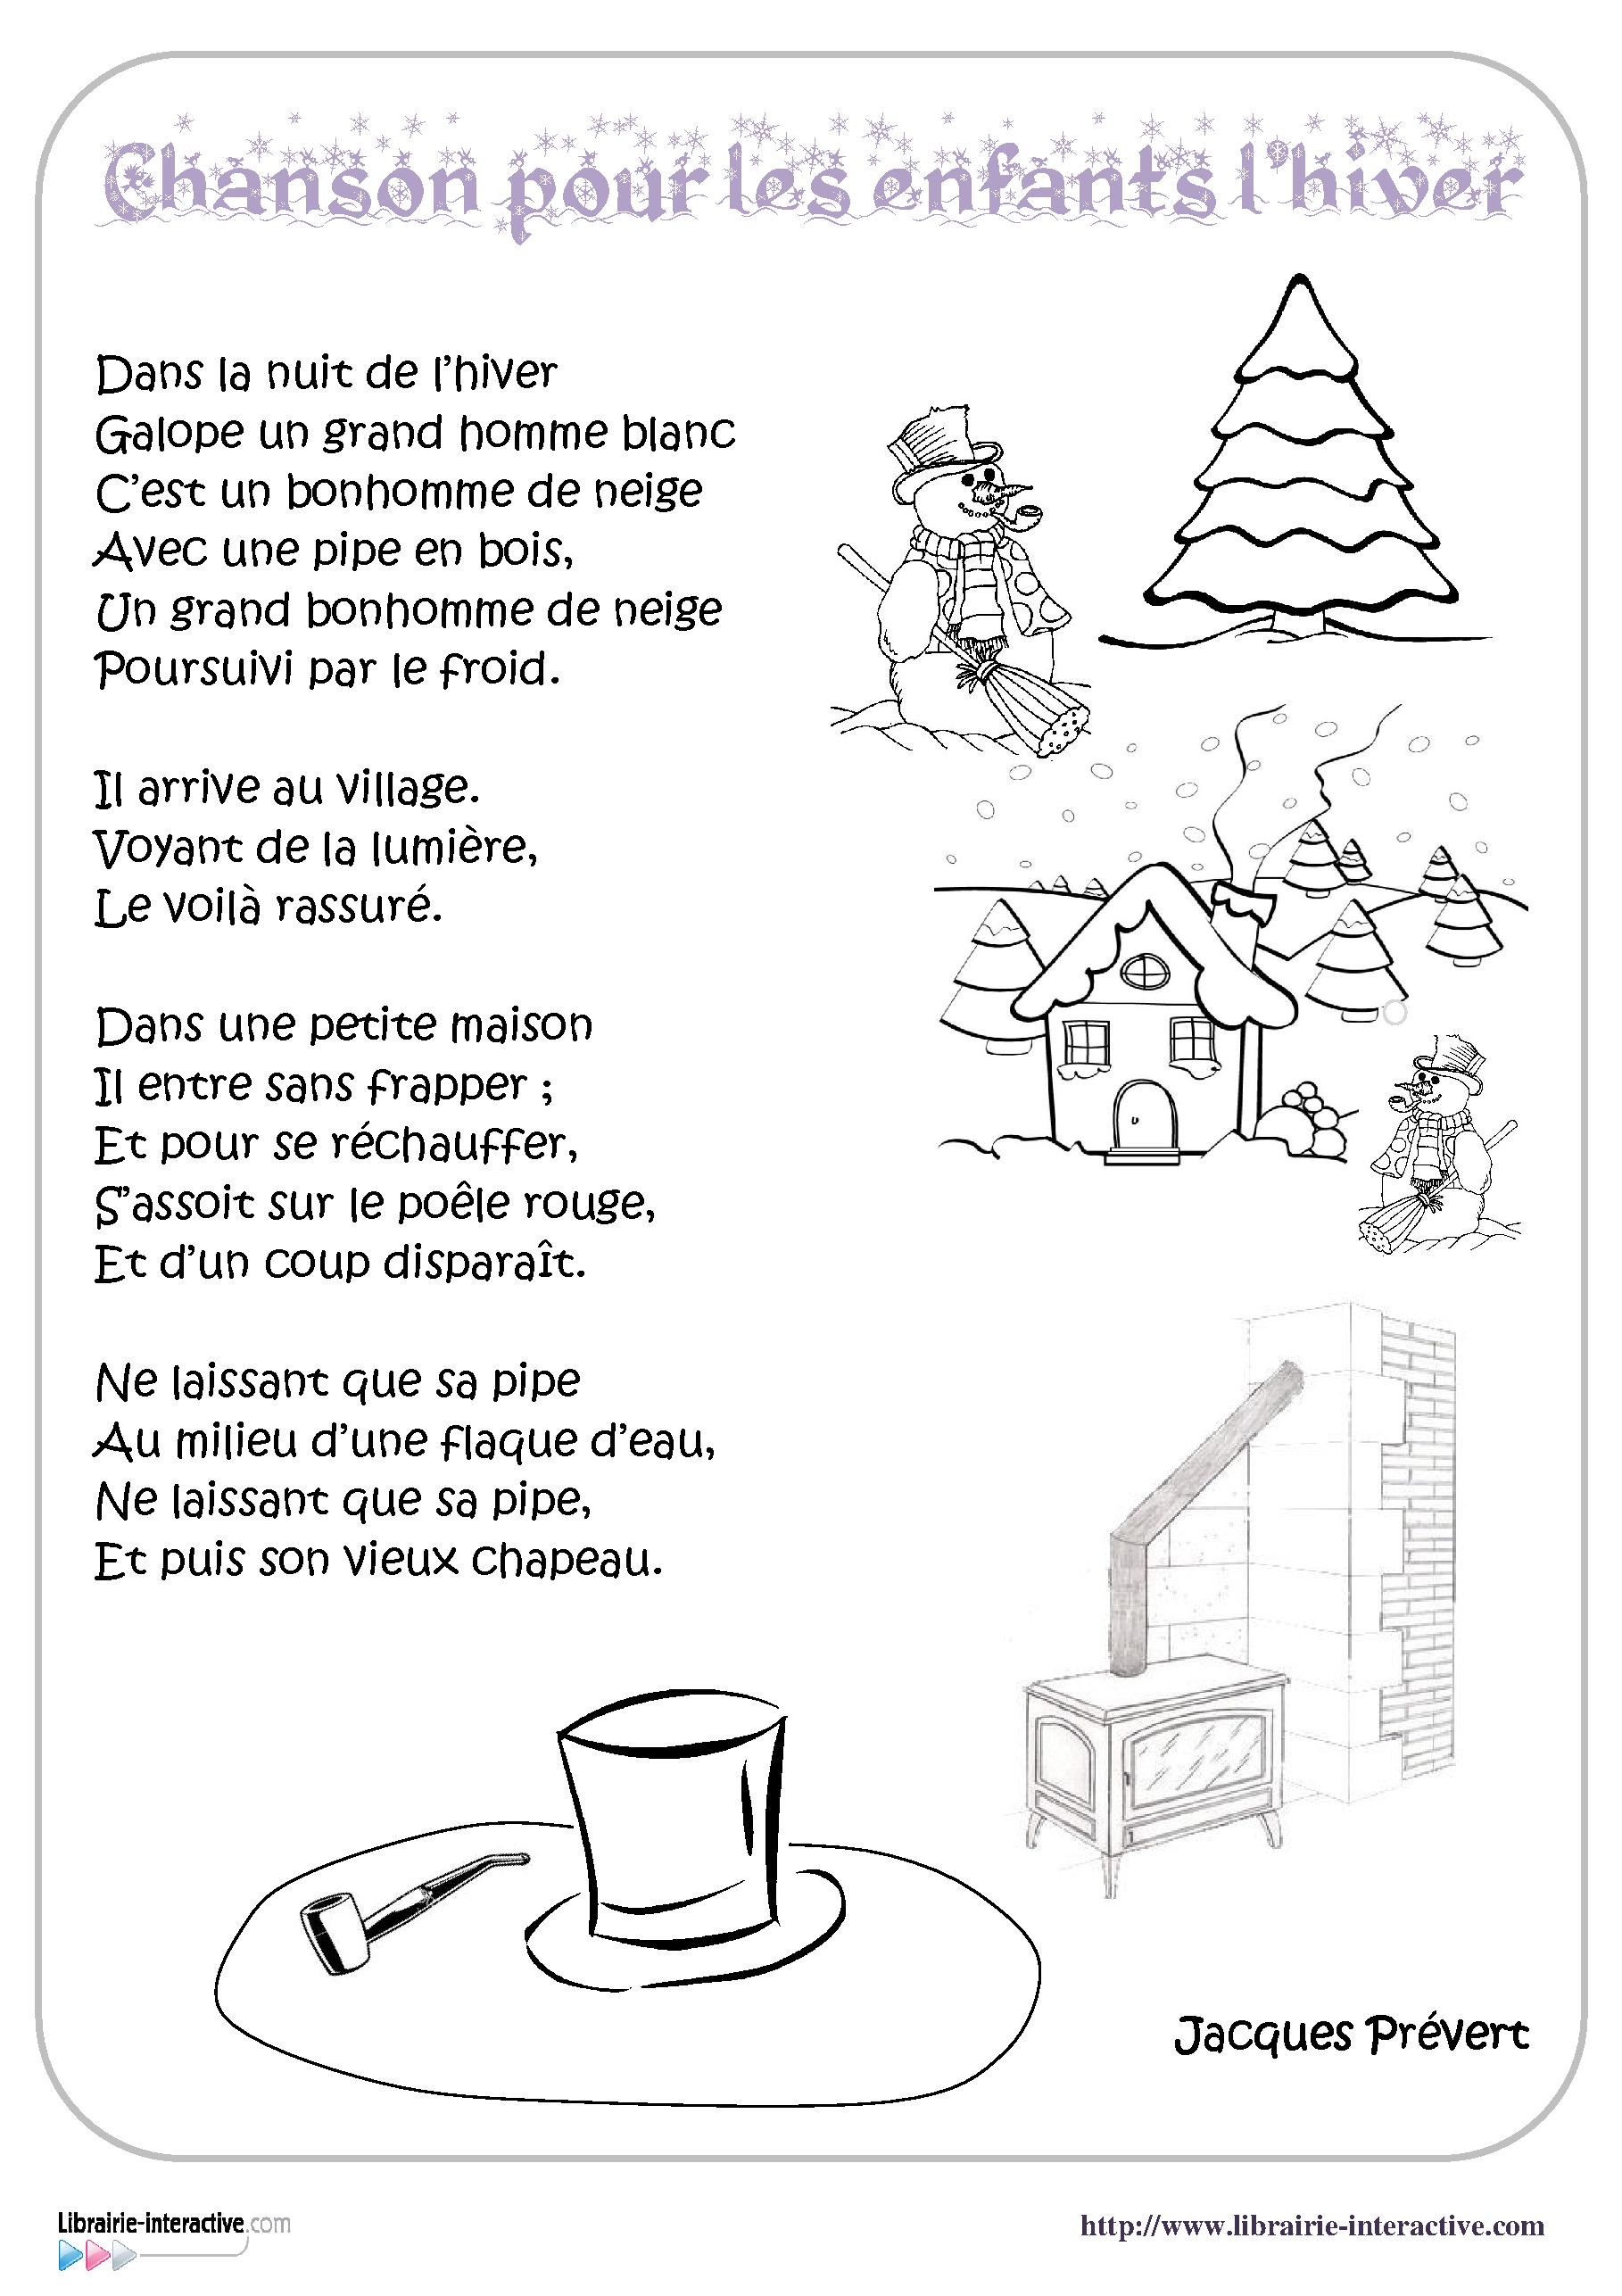 Les Paroles De La Poésie (ou Chanson) Que Tout Le Monde A